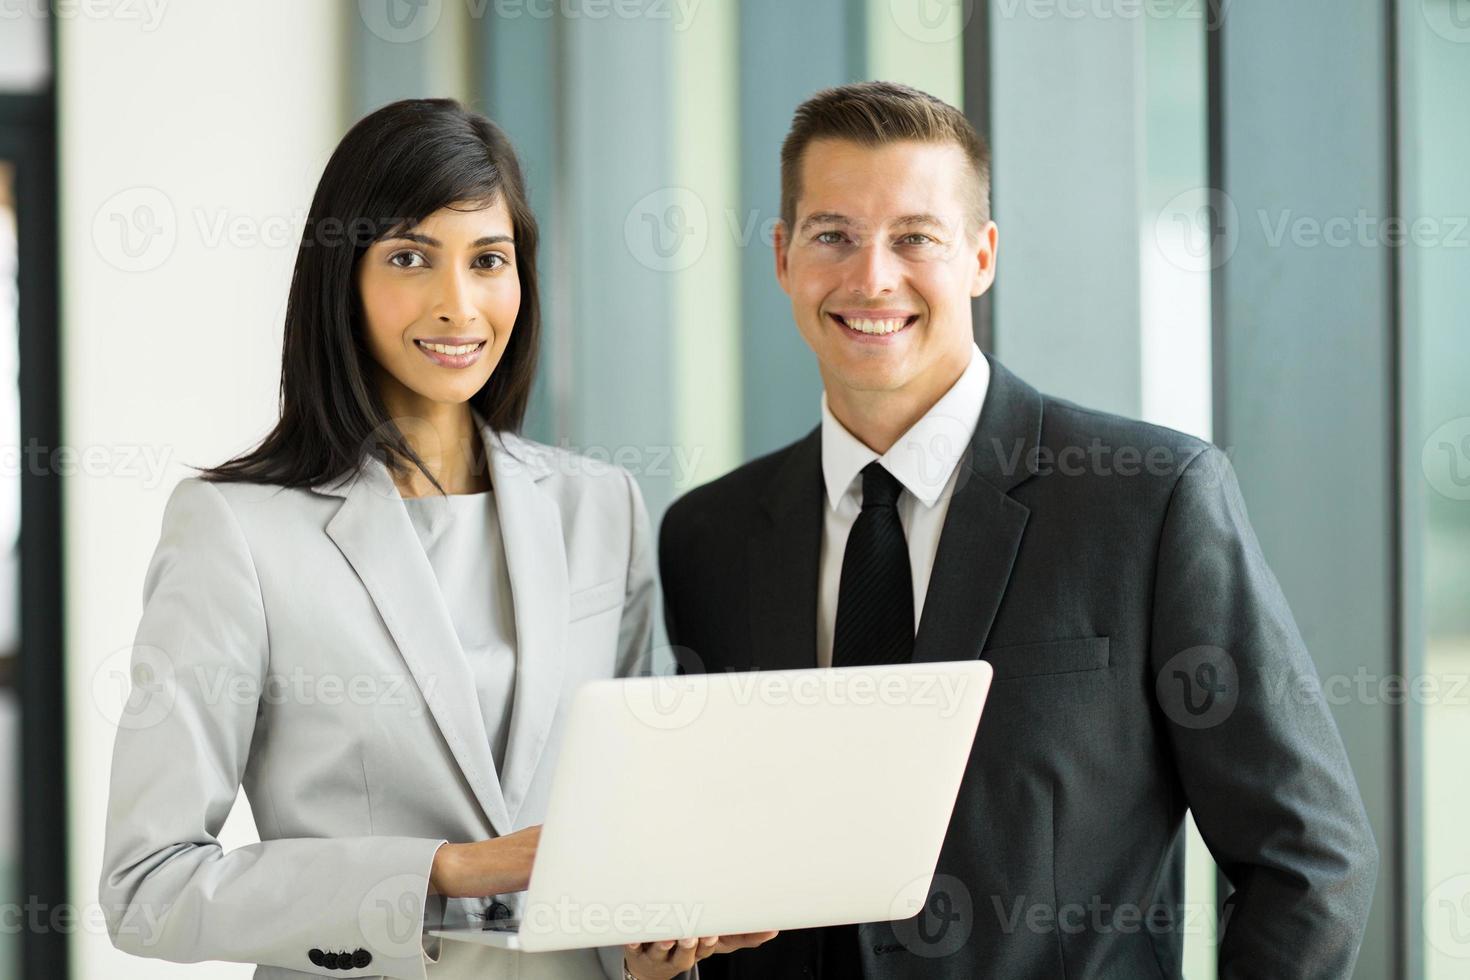 jovem executivo de negócios no escritório foto